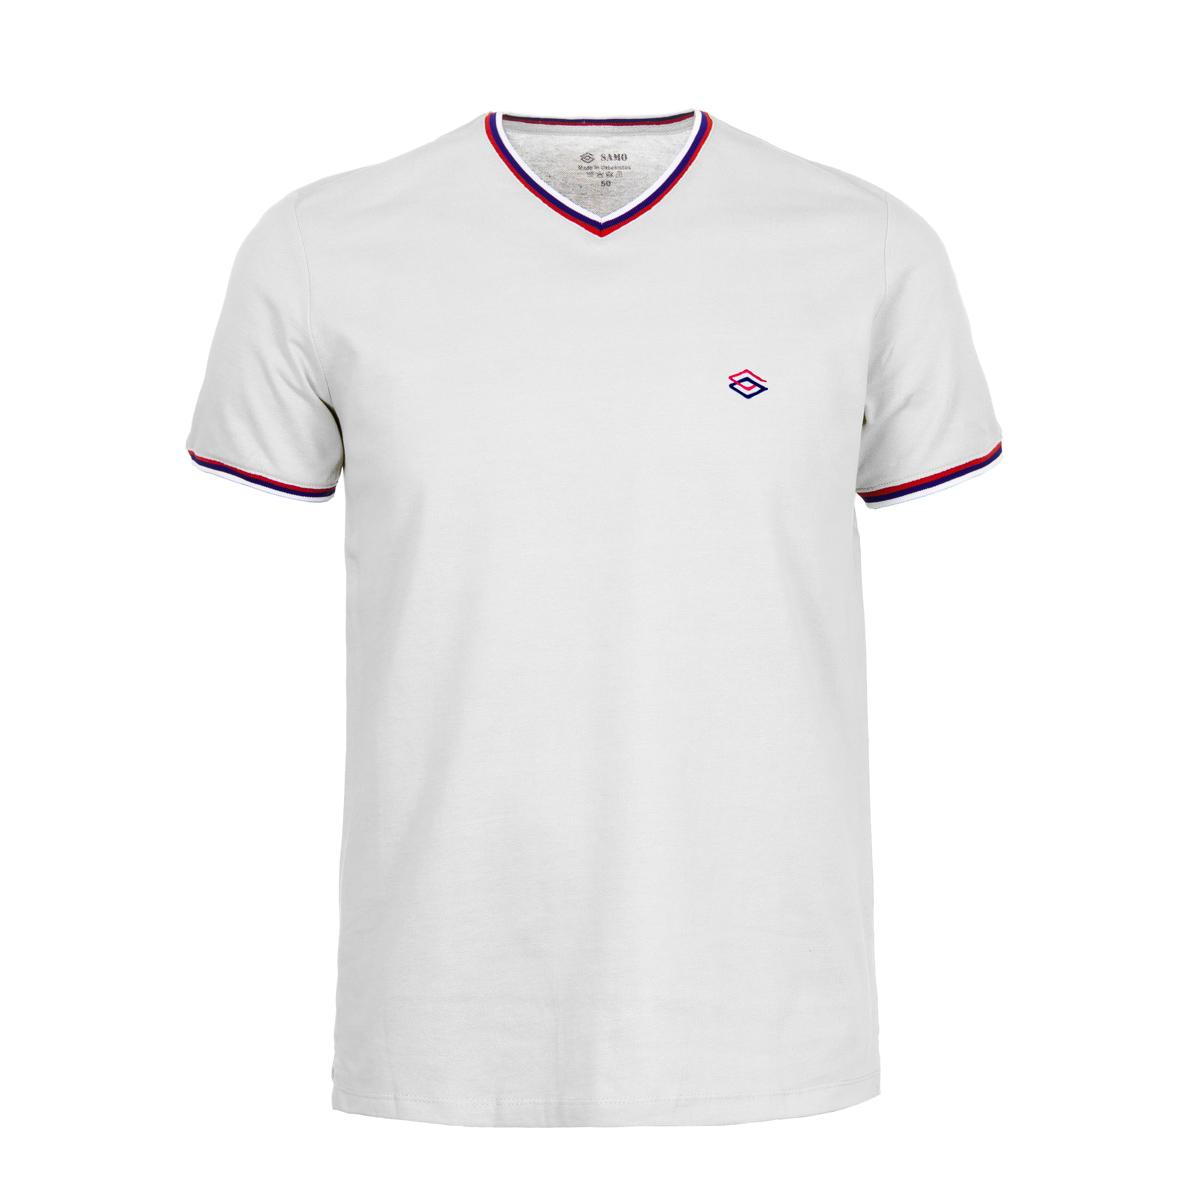 Муж. футболка арт. 04-0059 Белый р. 56 - Мужская одежда артикул: 26324